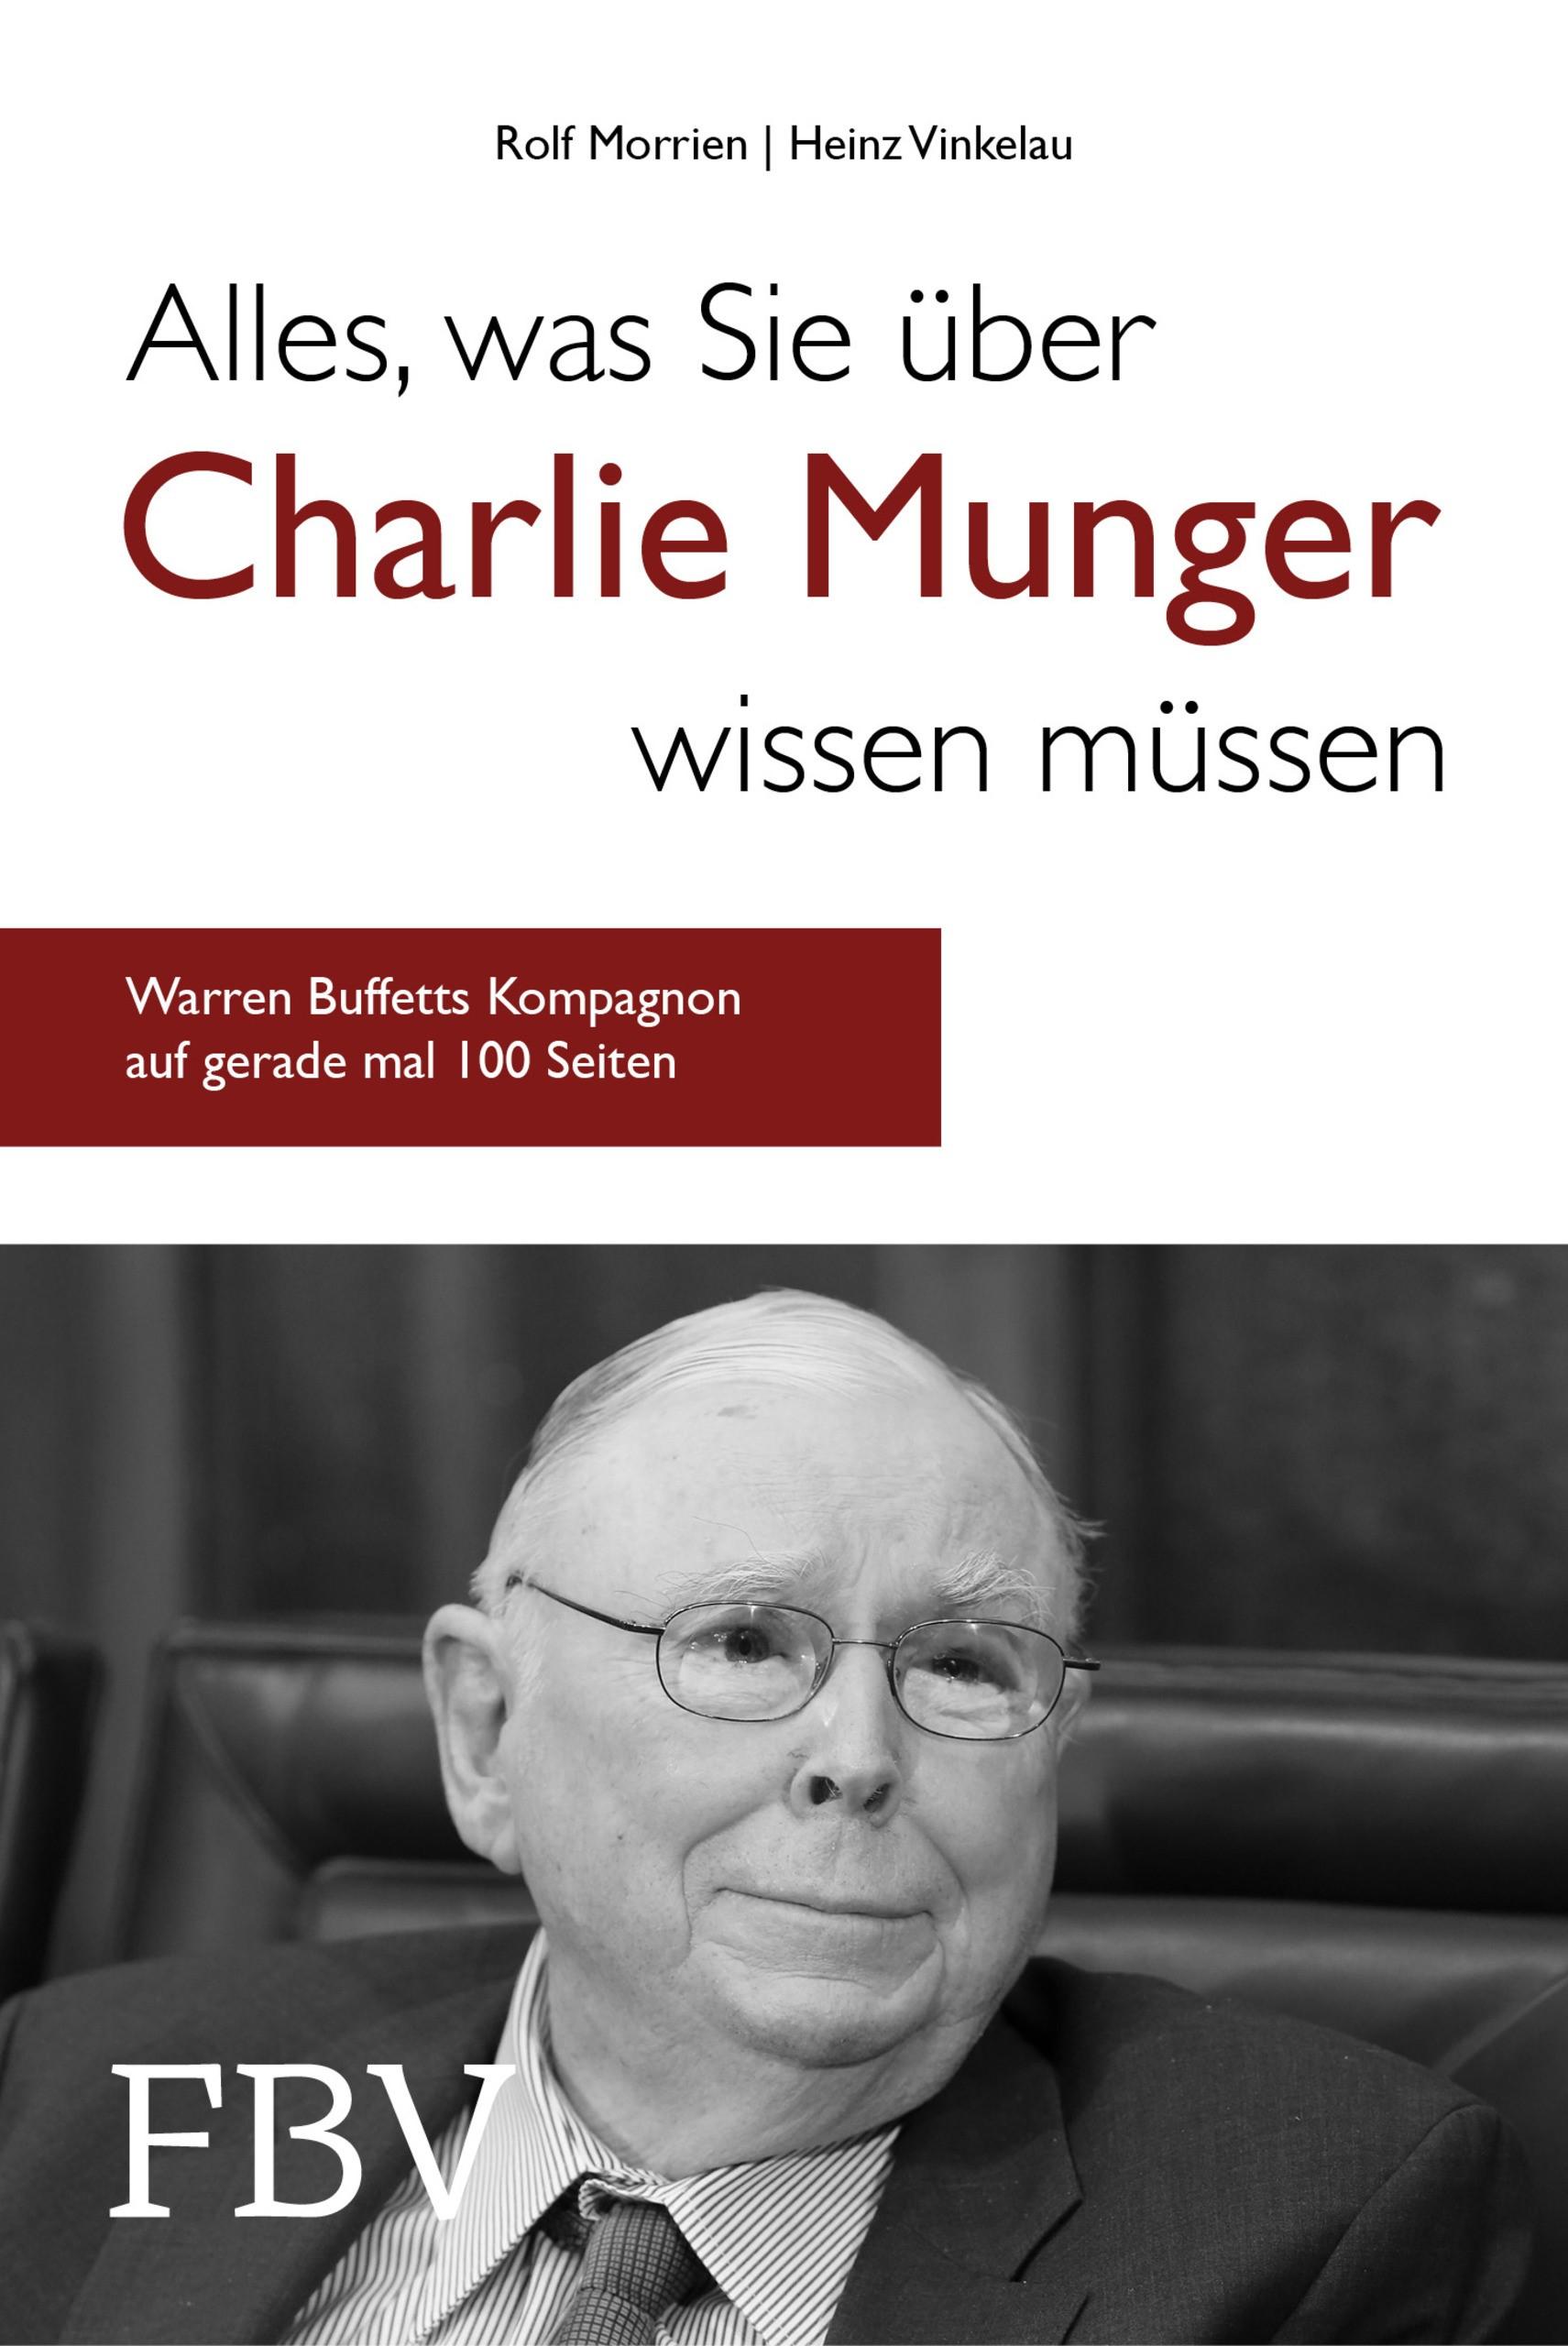 Alles, was Sie über Charlie Munger wissen müssen   Morrien / Vinkelau, 2018   Buch (Cover)